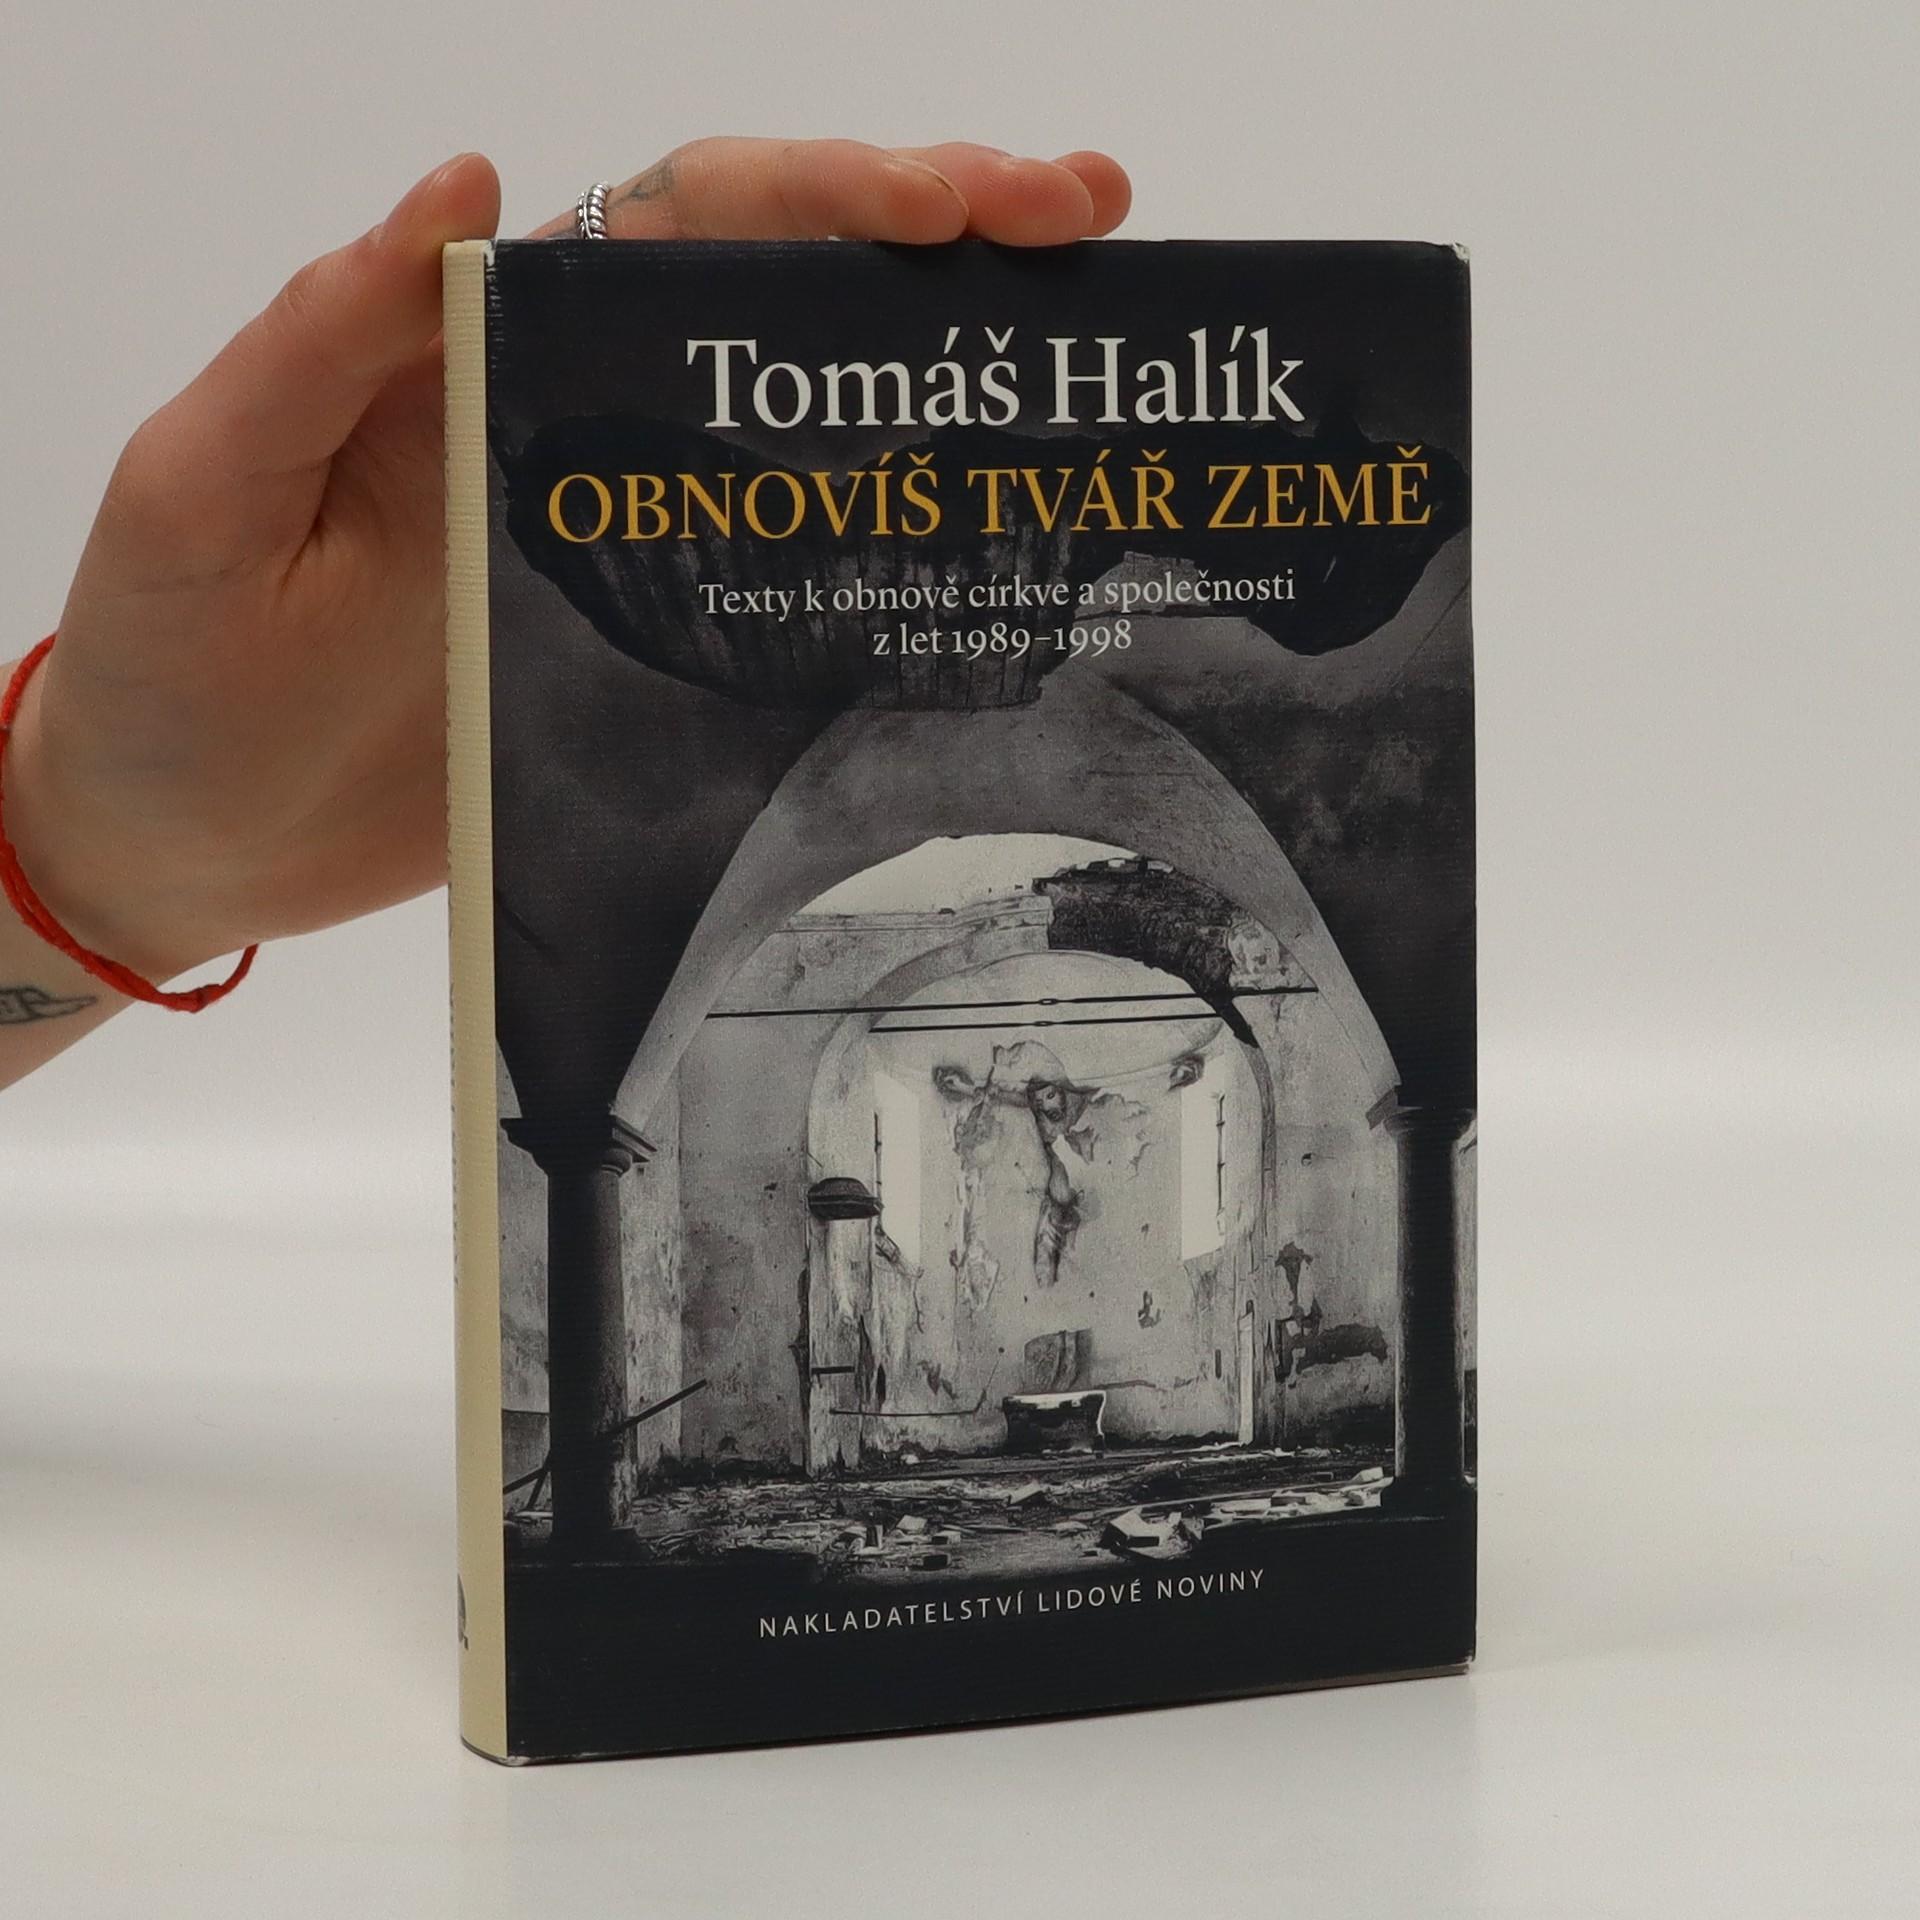 antikvární kniha Obnovíš tvář země. Texty k obnově církve a společnosti z let 1989-1998, 2014